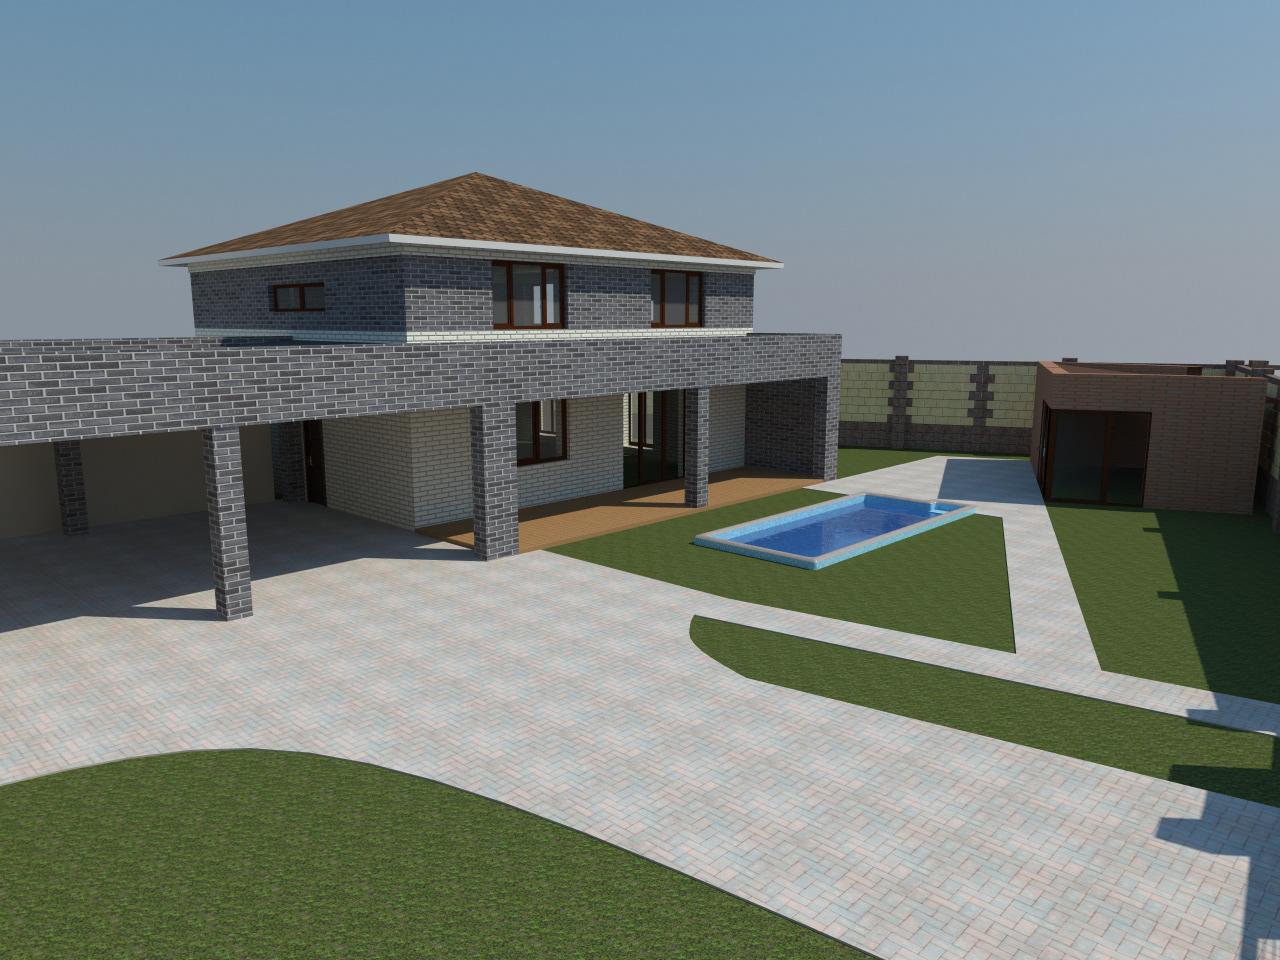 House project in Novomoskovsk